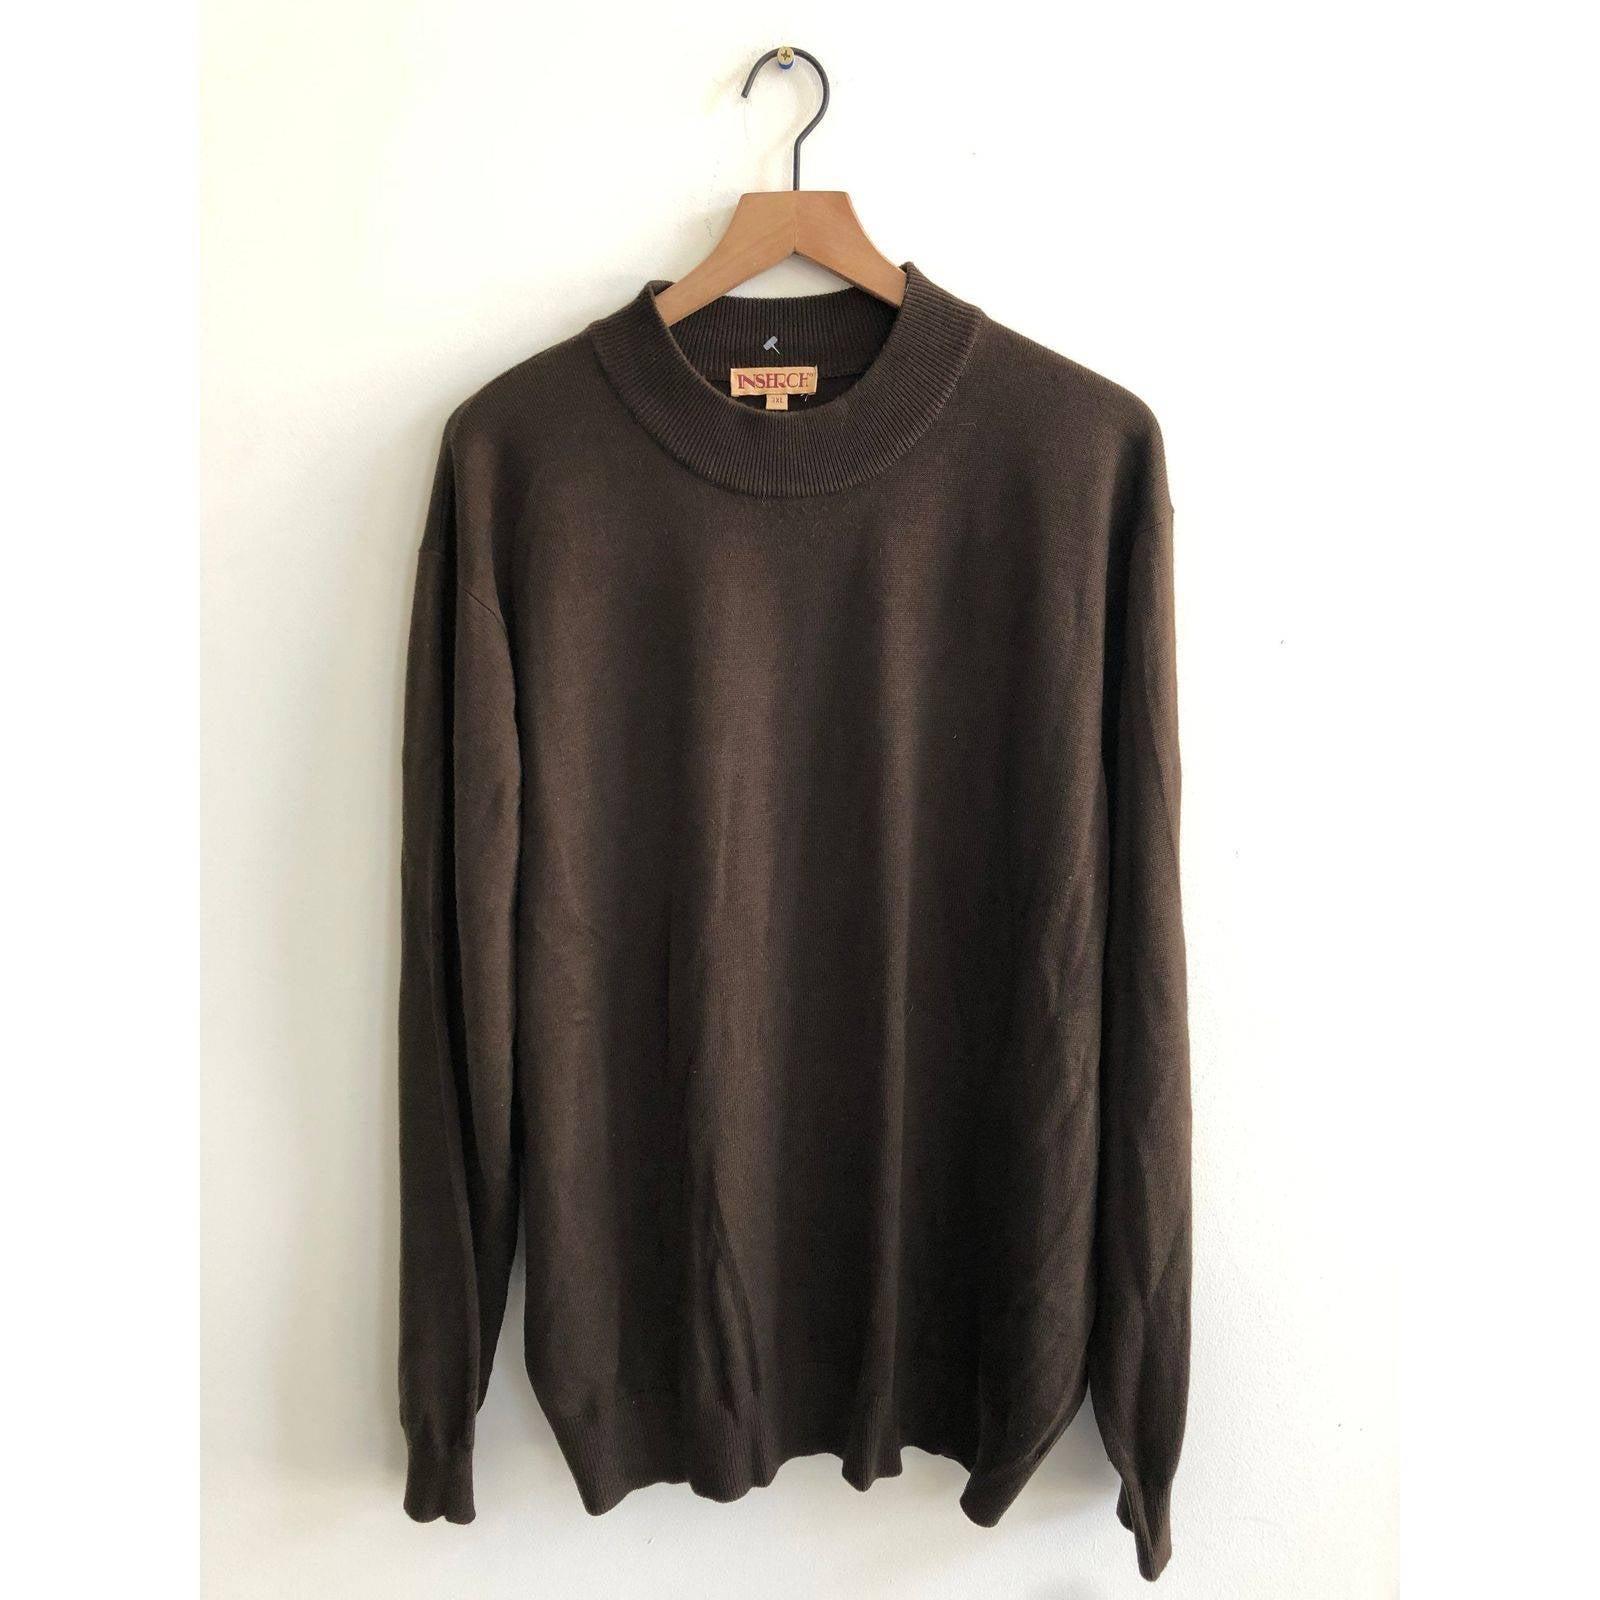 Vintage Brown Mockneck pullover sweater